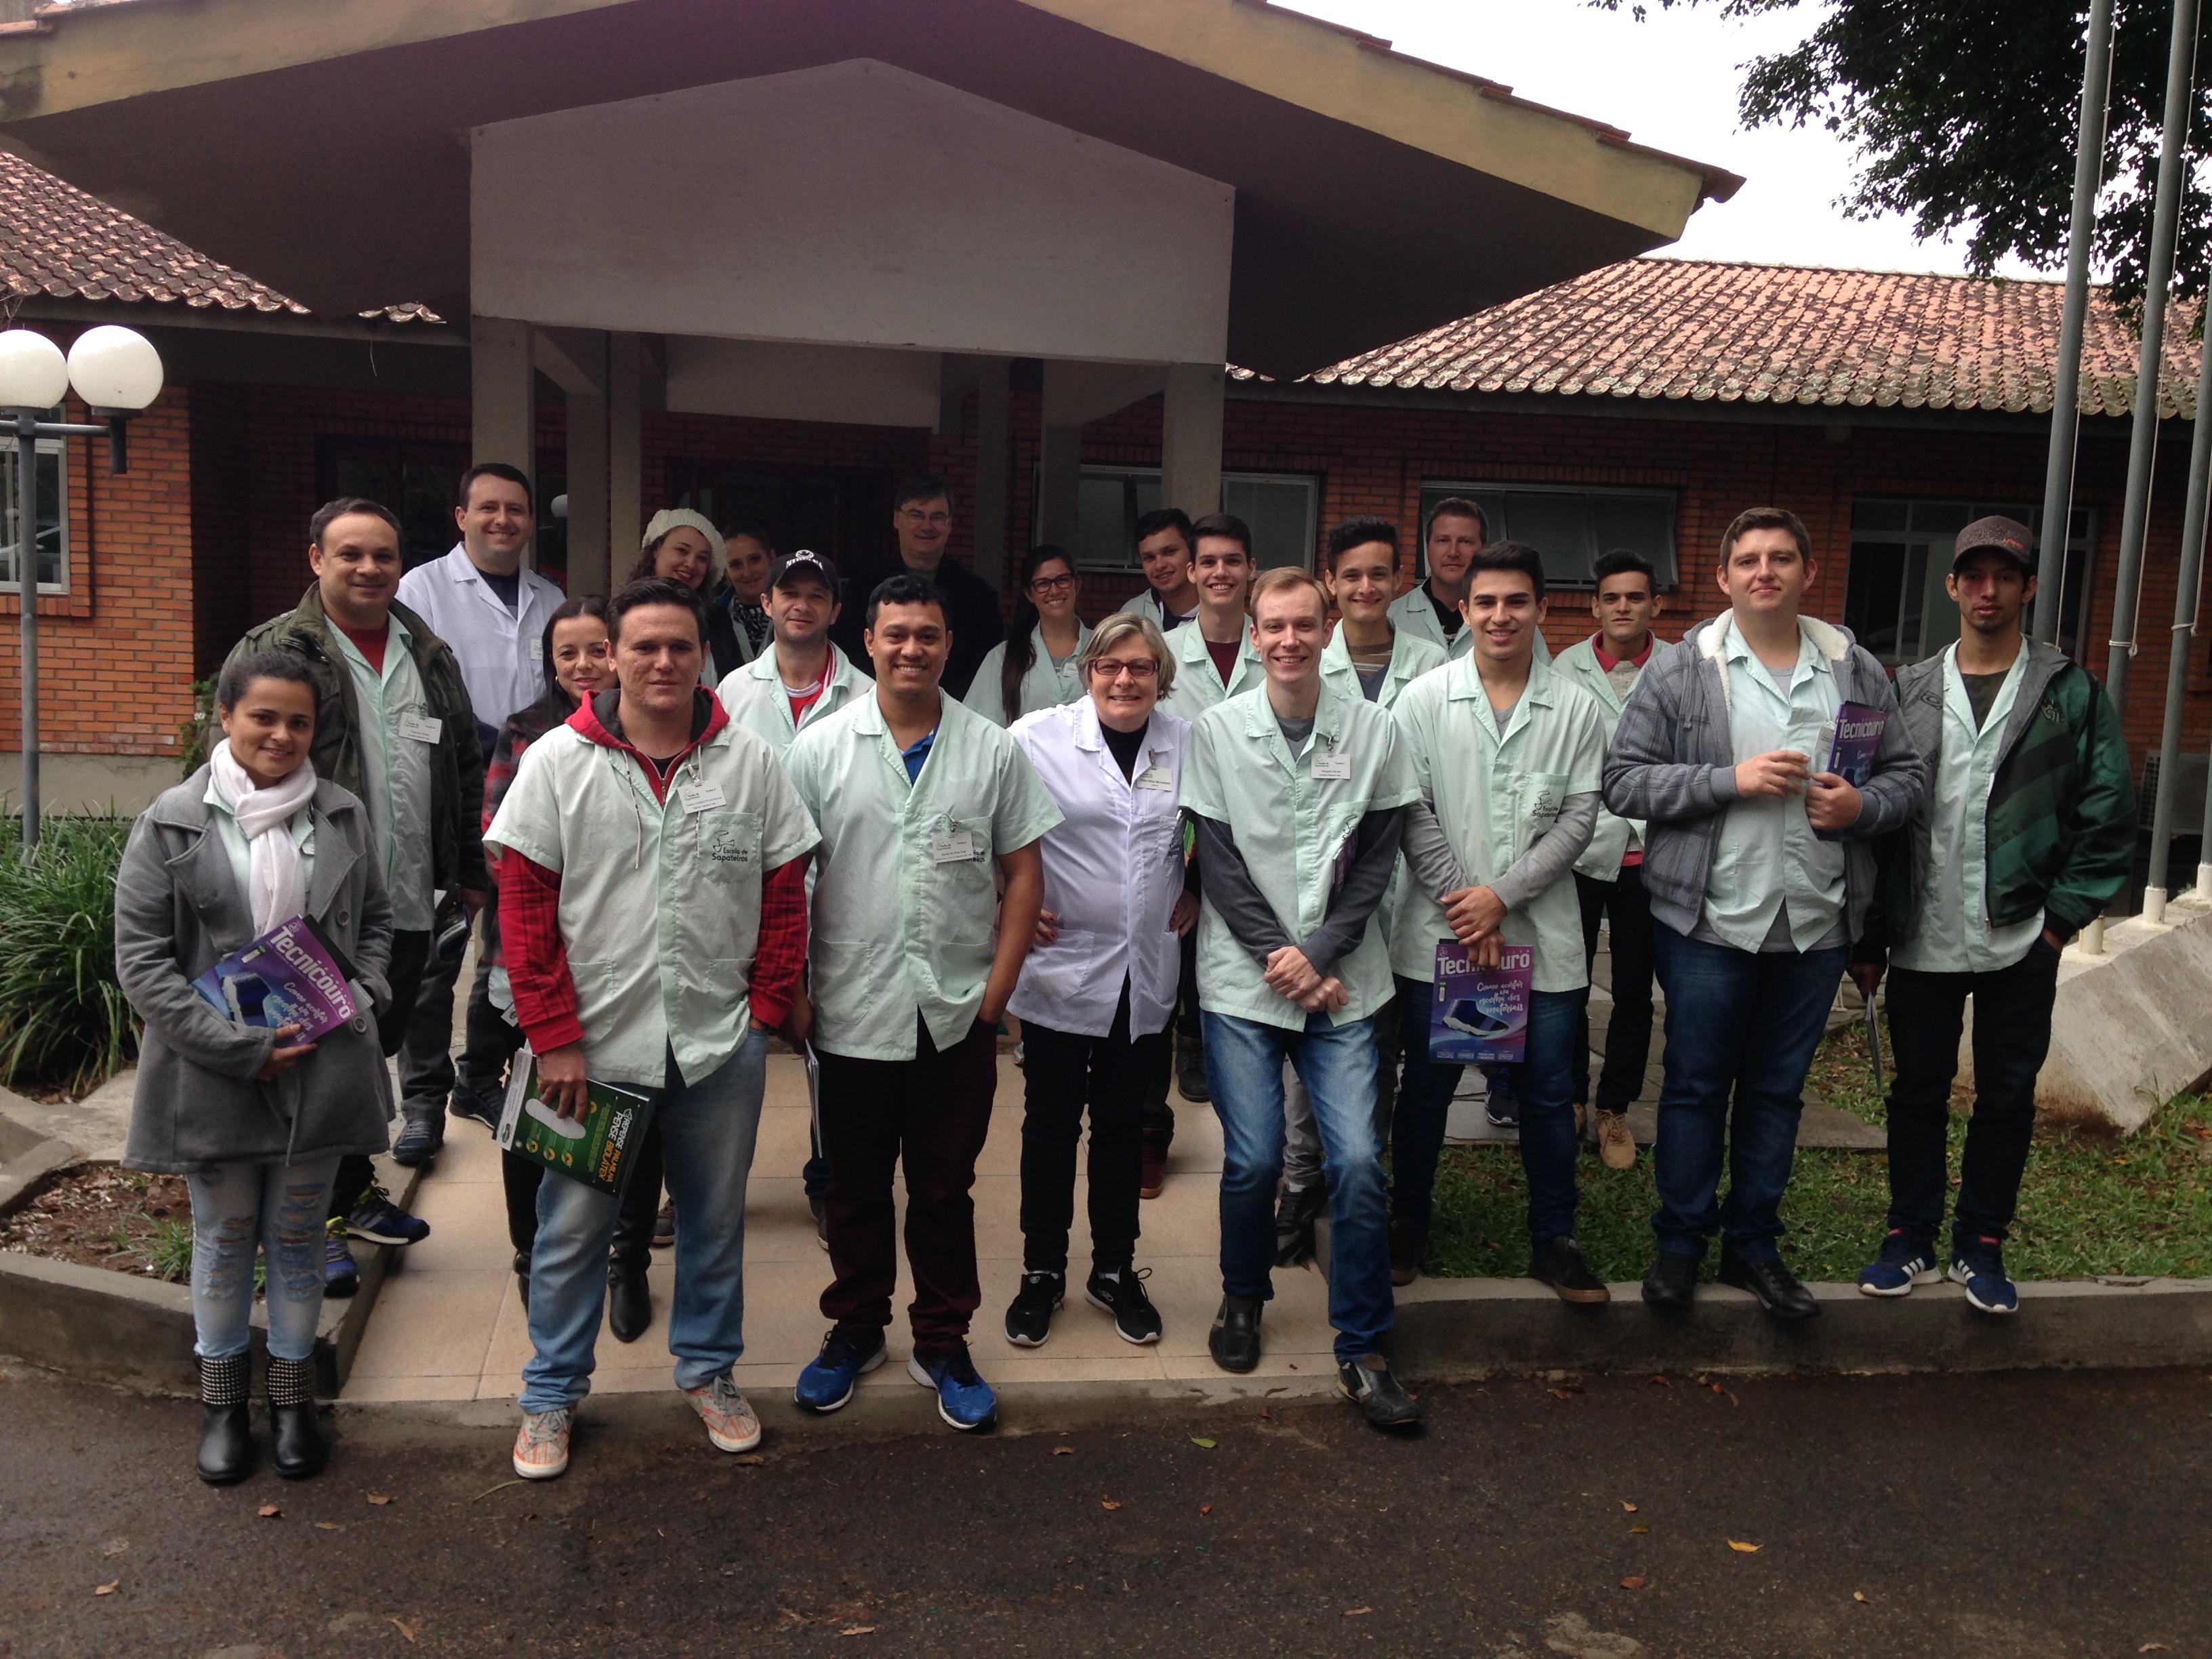 IBTeC recebeu visita da Escola do Sapateiros de Três Coroas